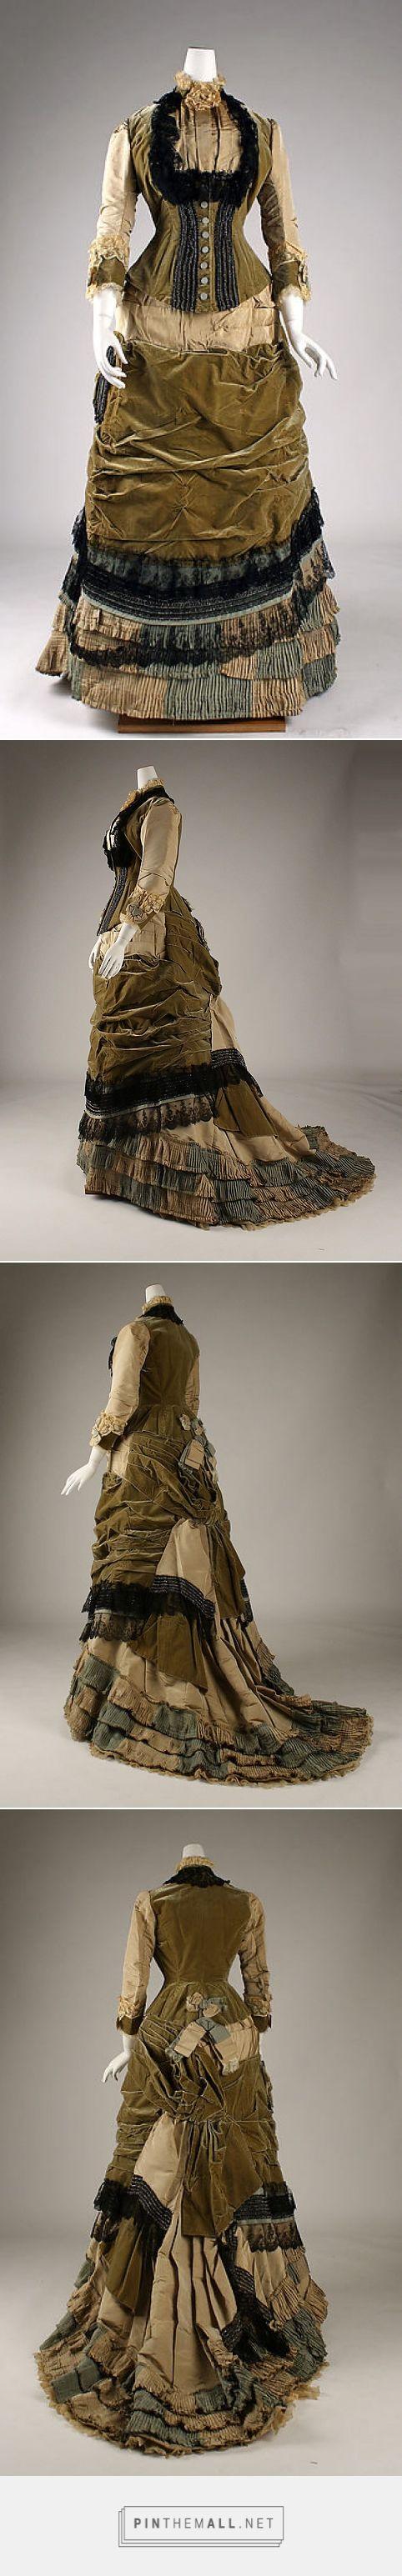 Dress ca. 1878 British   The Metropolitan Museum of Art